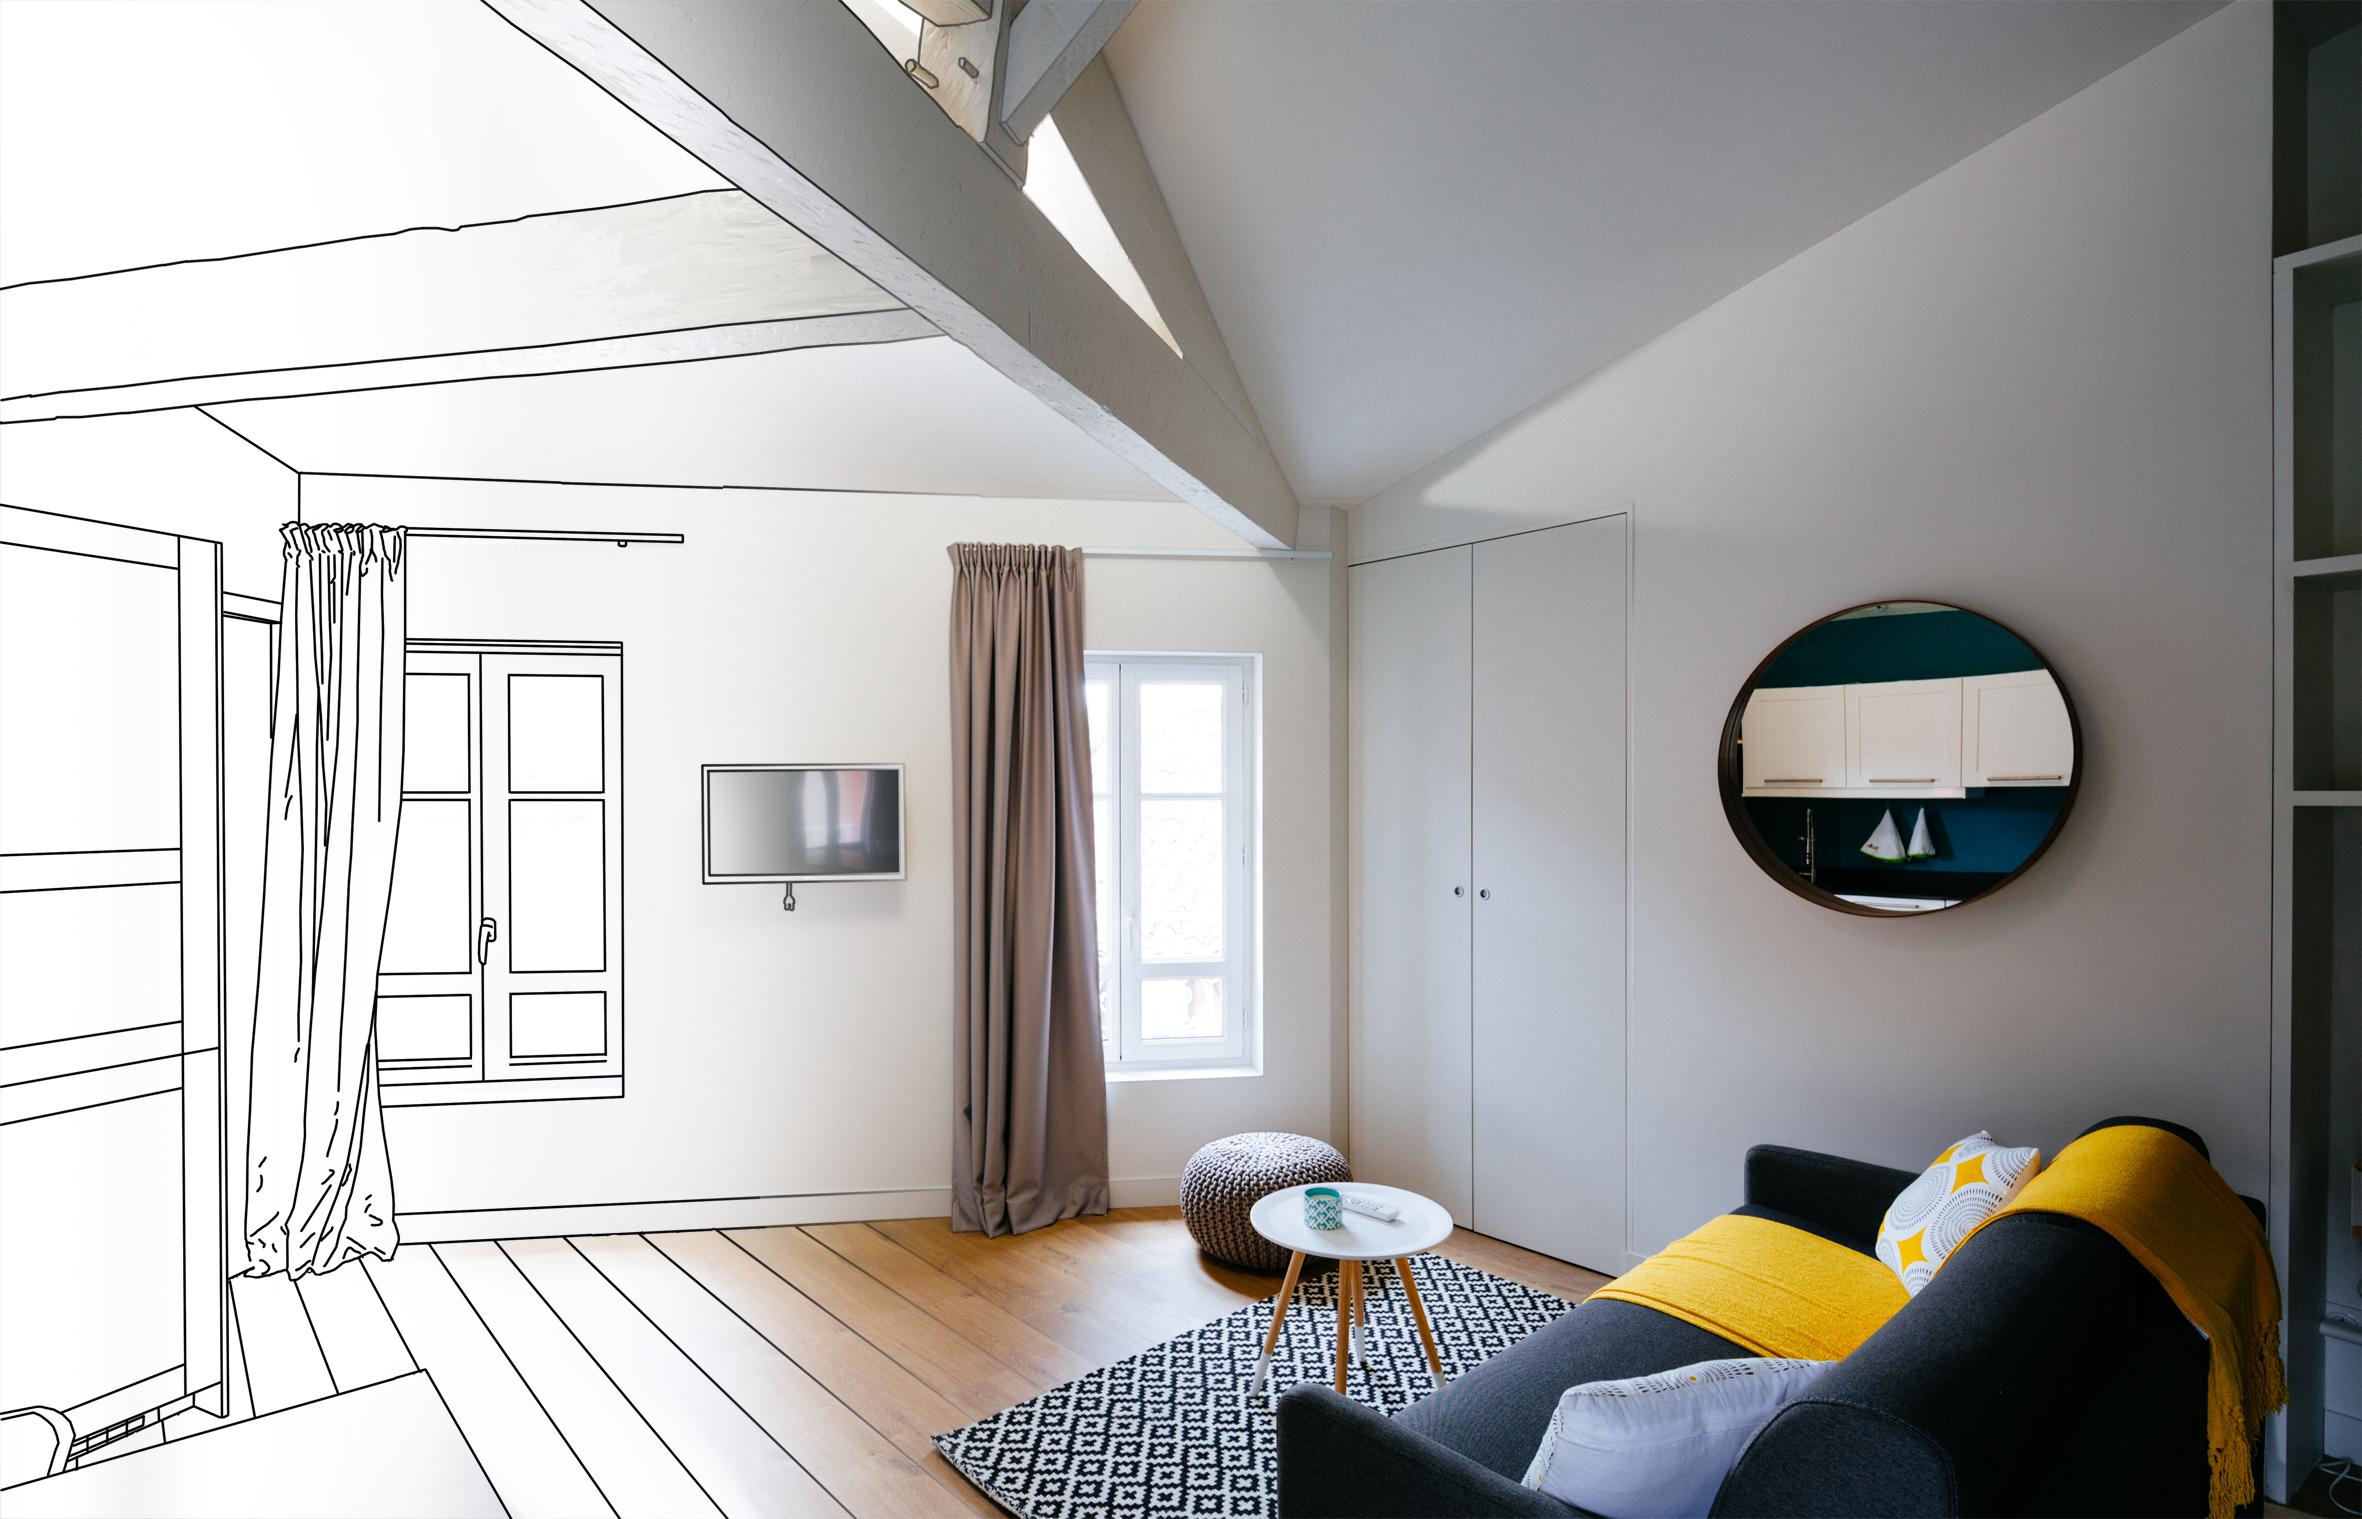 architecte d int rieur toulouse agence decod 39 art design. Black Bedroom Furniture Sets. Home Design Ideas